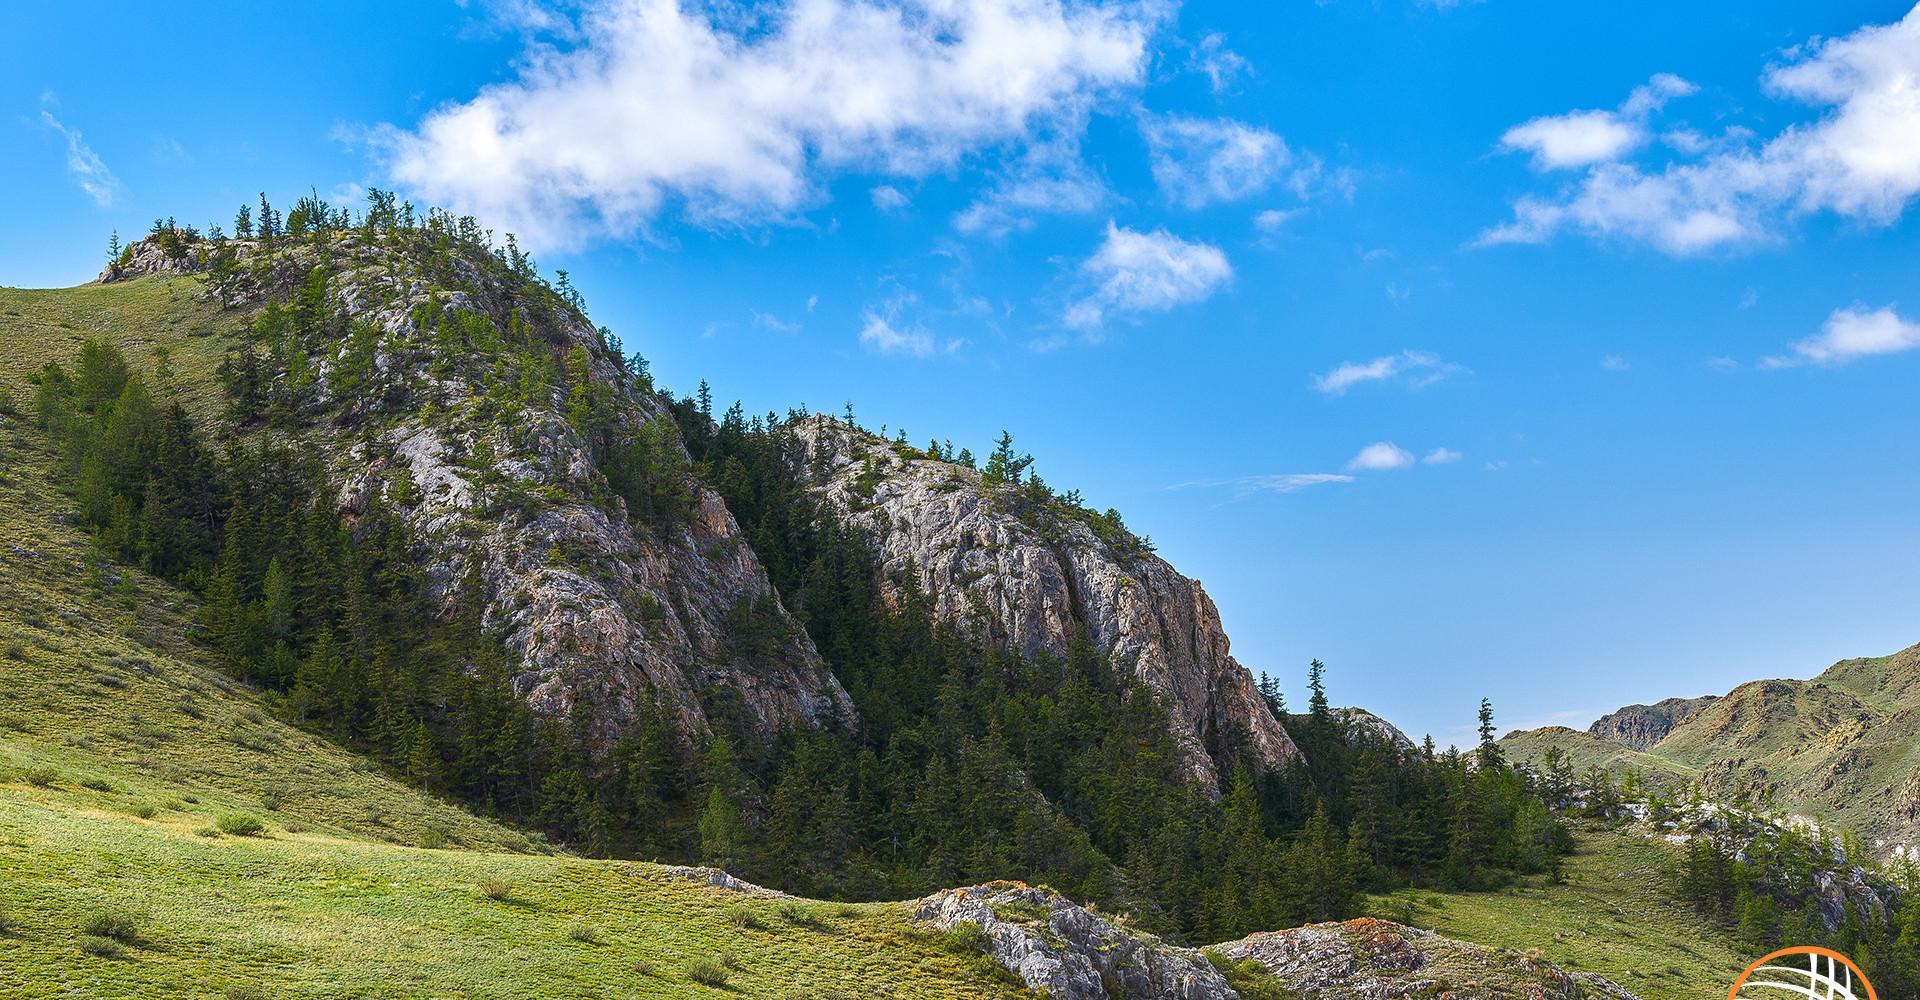 Mungut Tsakhir mountain